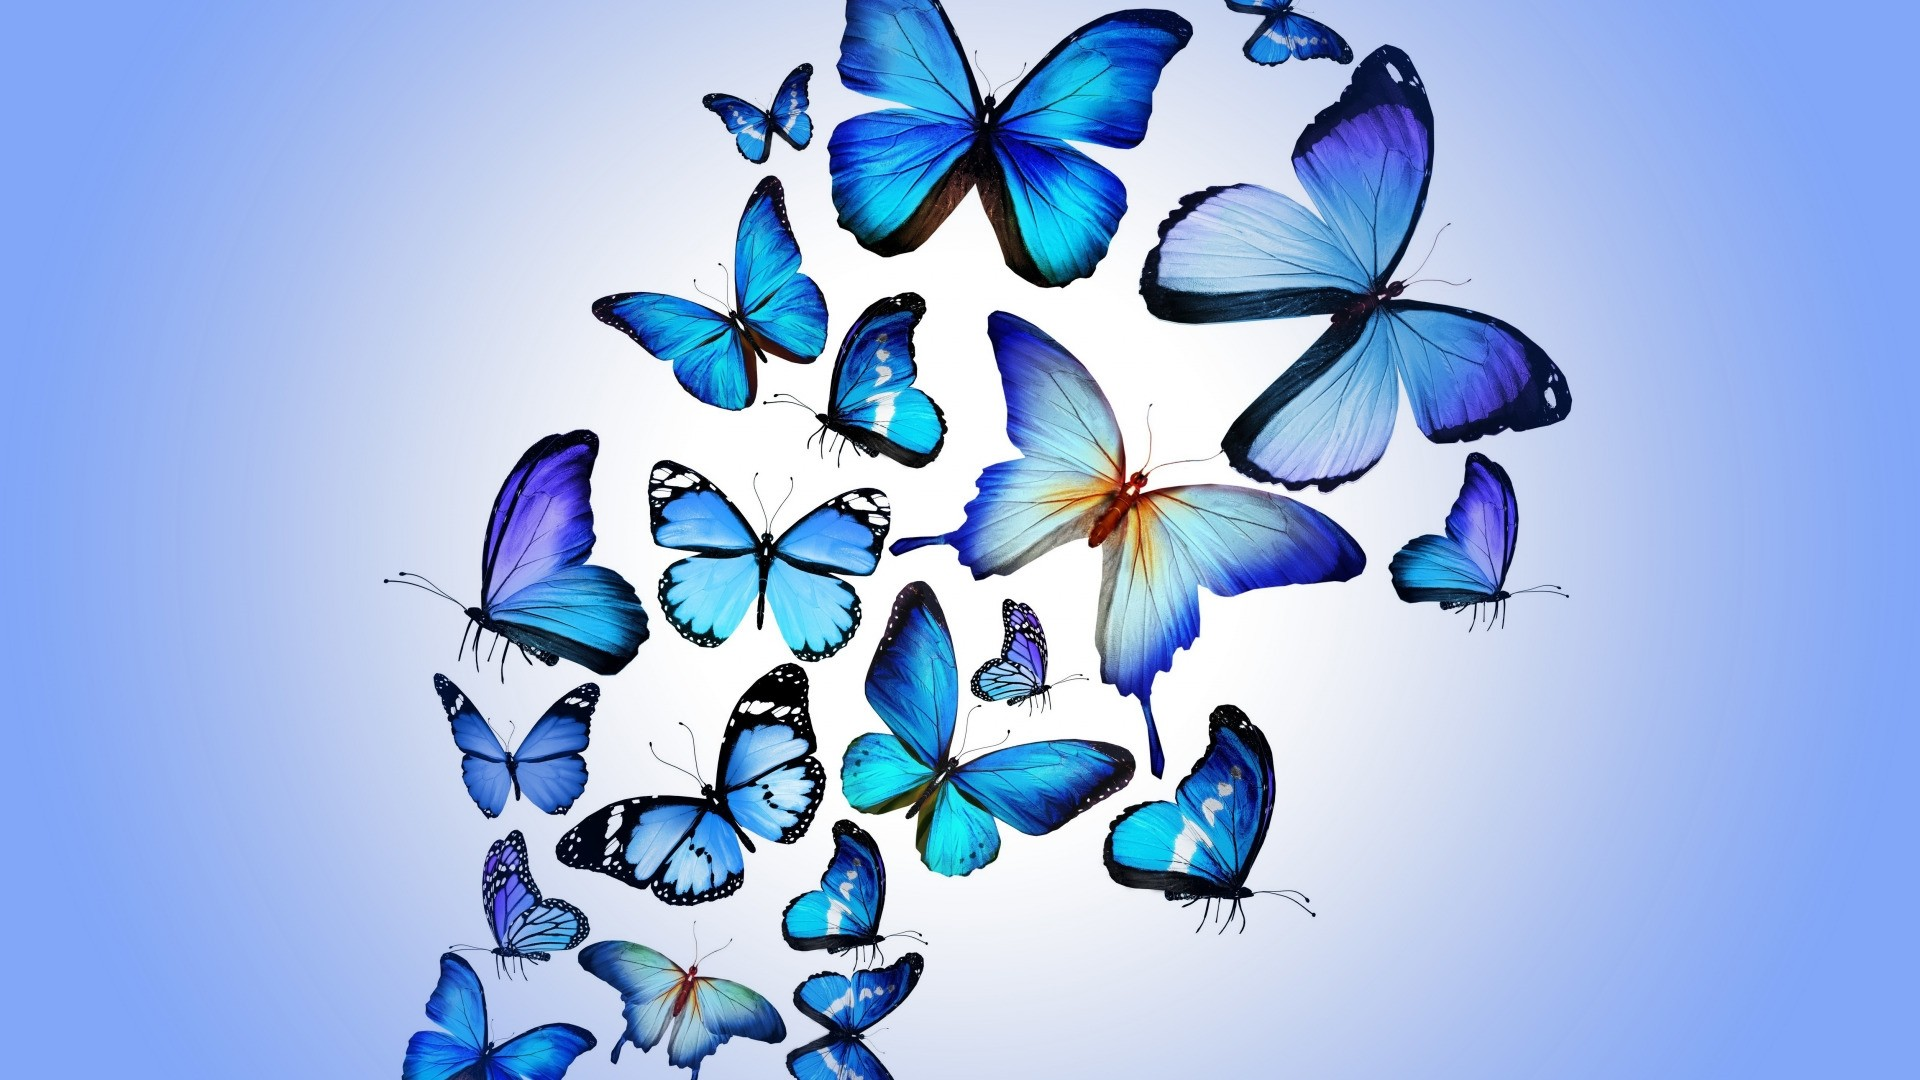 Blue Butterfly full hd wallpaper